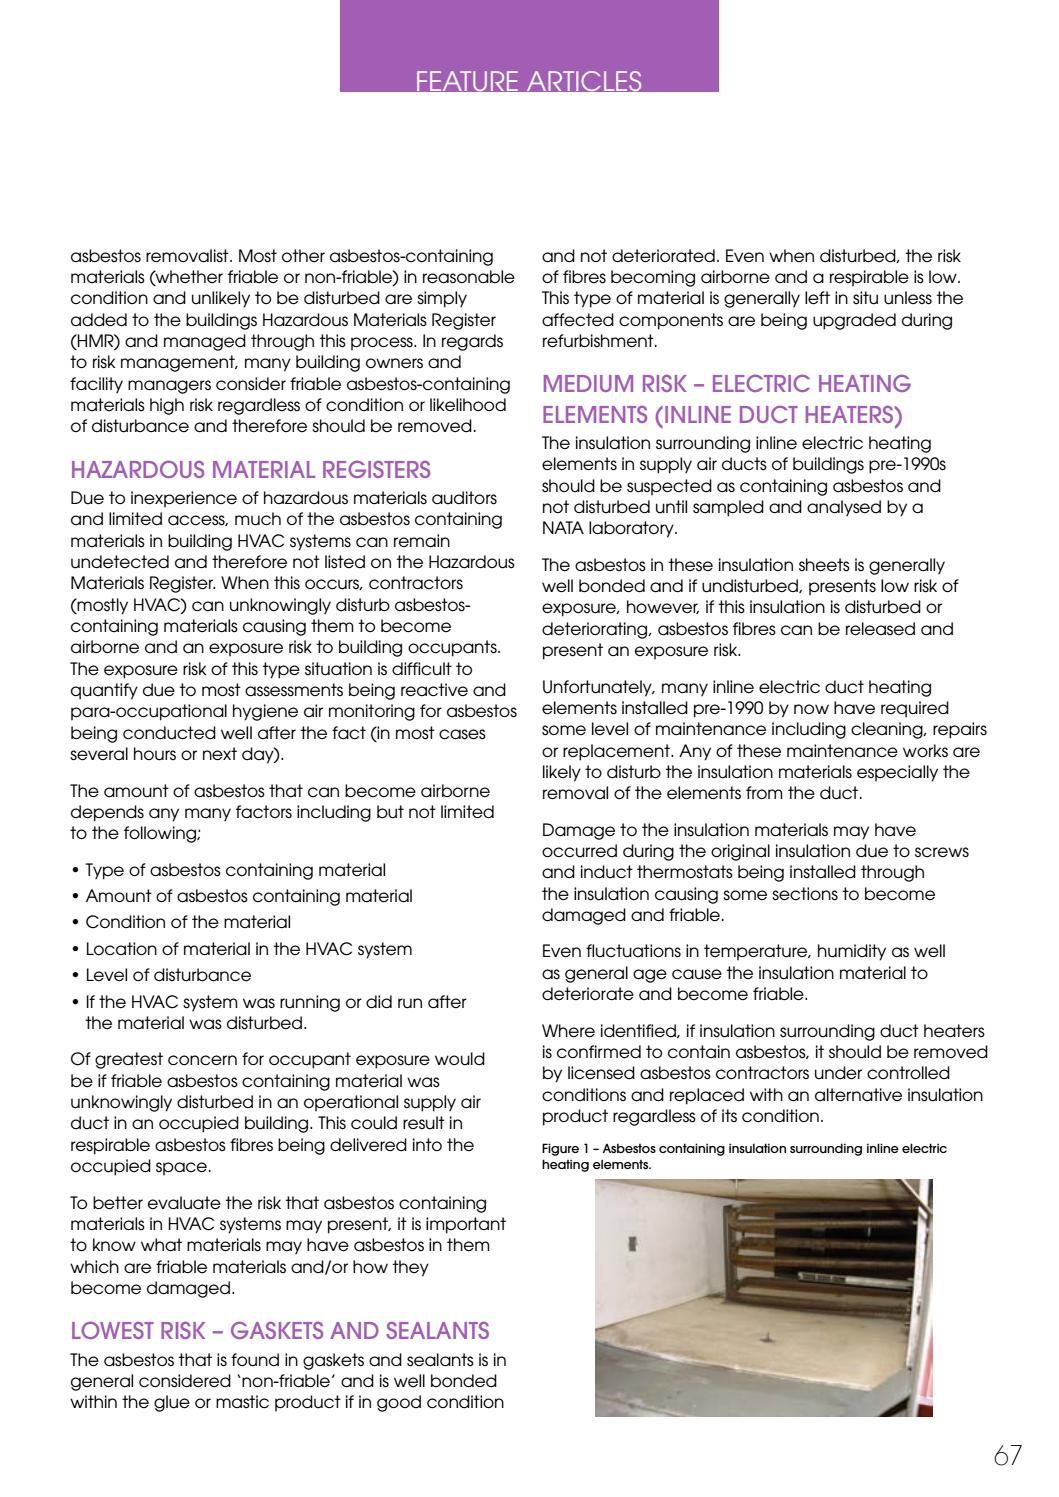 Healthcare Facilities Summer 2017 Vol  40 No  4 by Adbourne